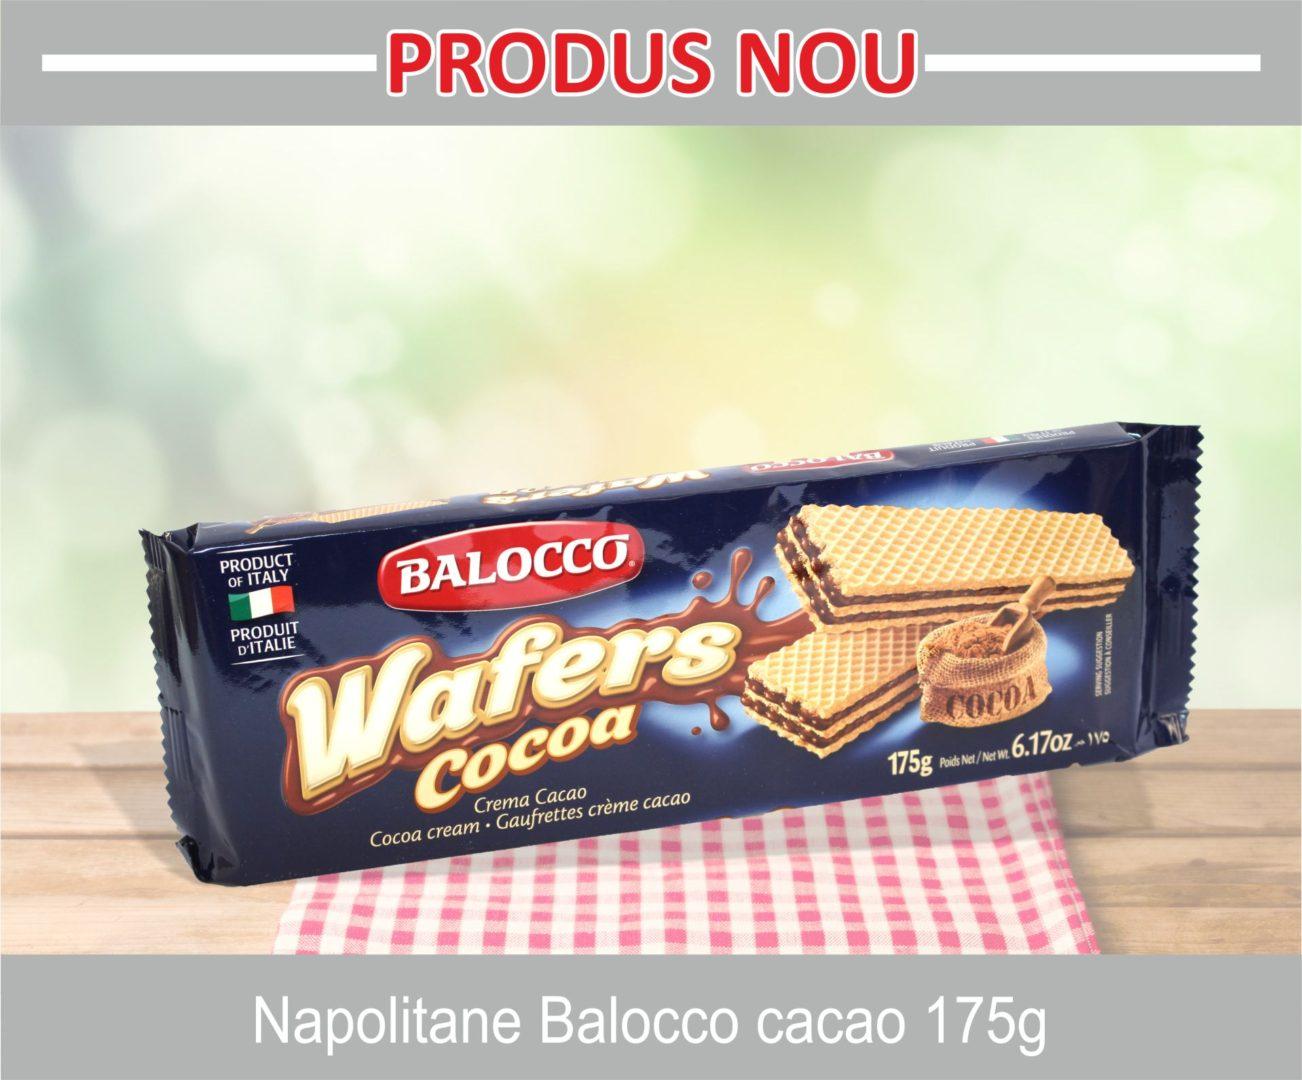 Napolitane Balocco cacao